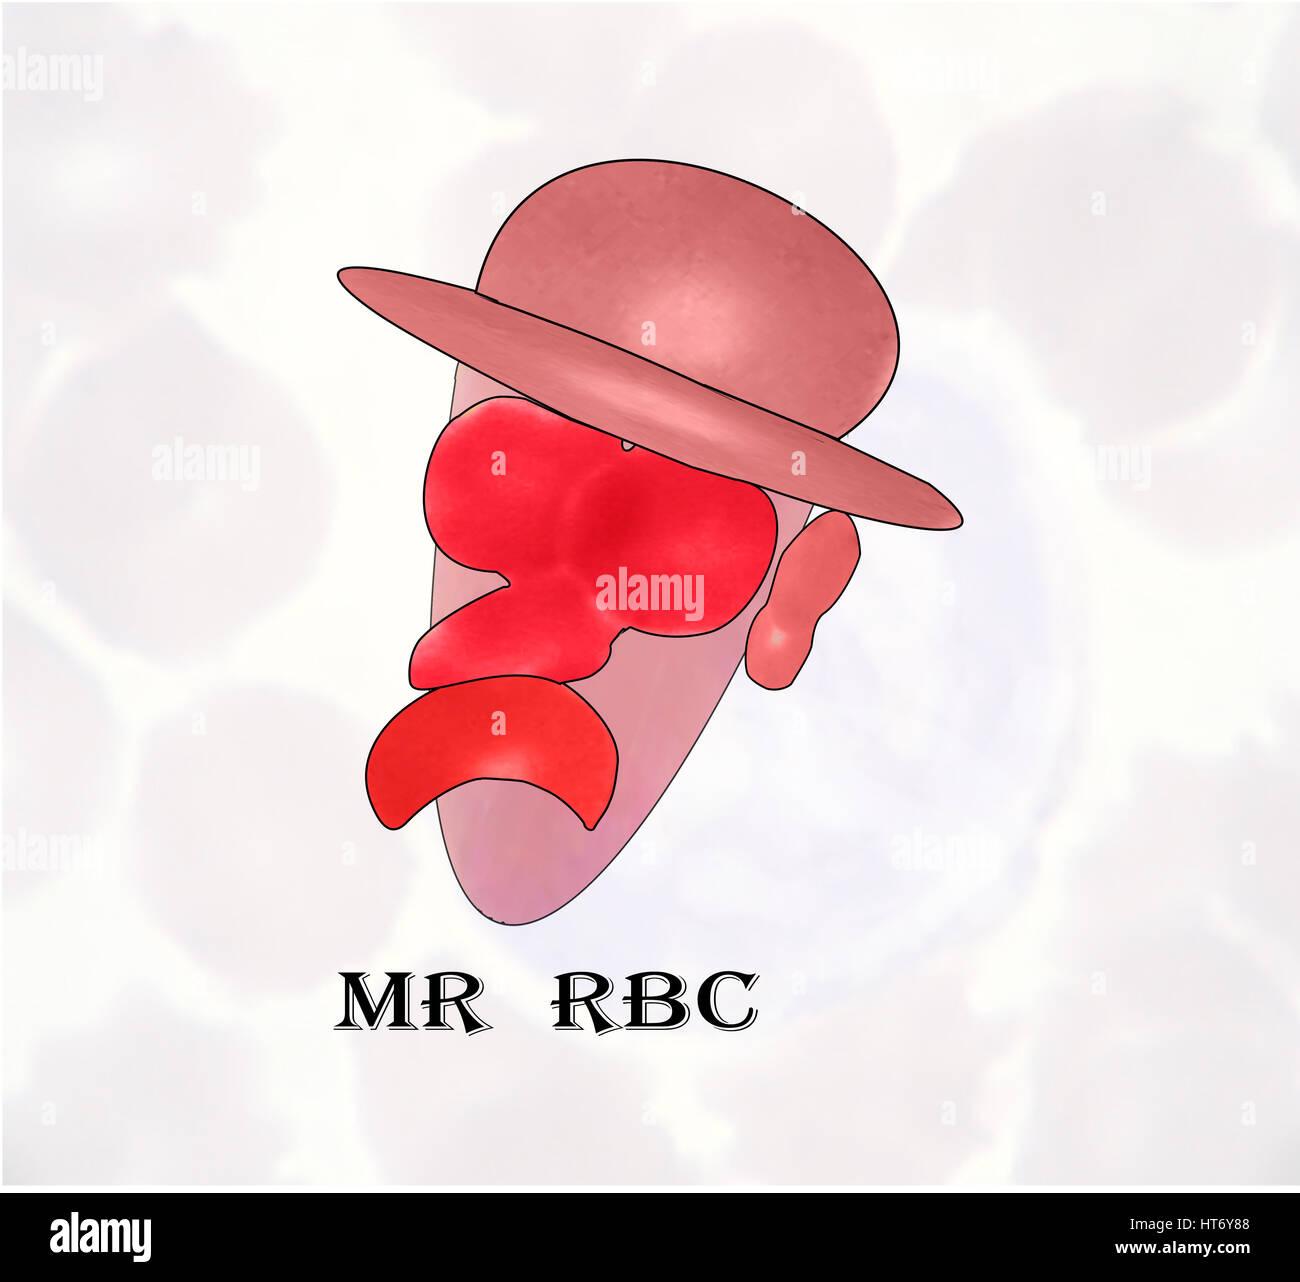 Herr RBC (Erythrozyten), die alle Teile der Abbildung aus den morphologischen Veränderungen der roten Blutkörperchen Stockbild